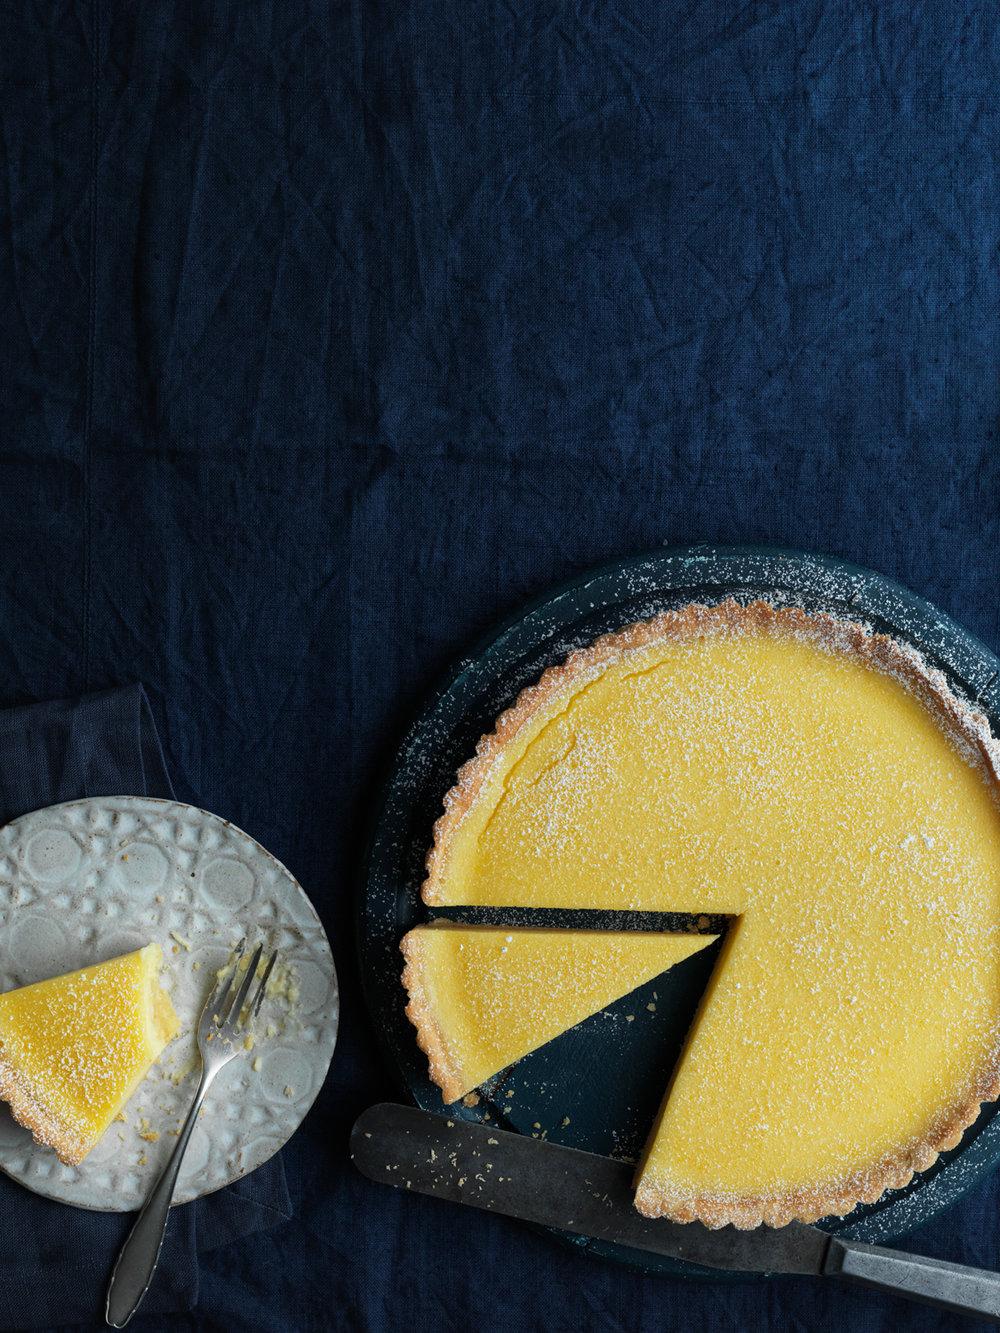 Waitrose_Lemons_20.10.16_LemonTart - 333.jpg